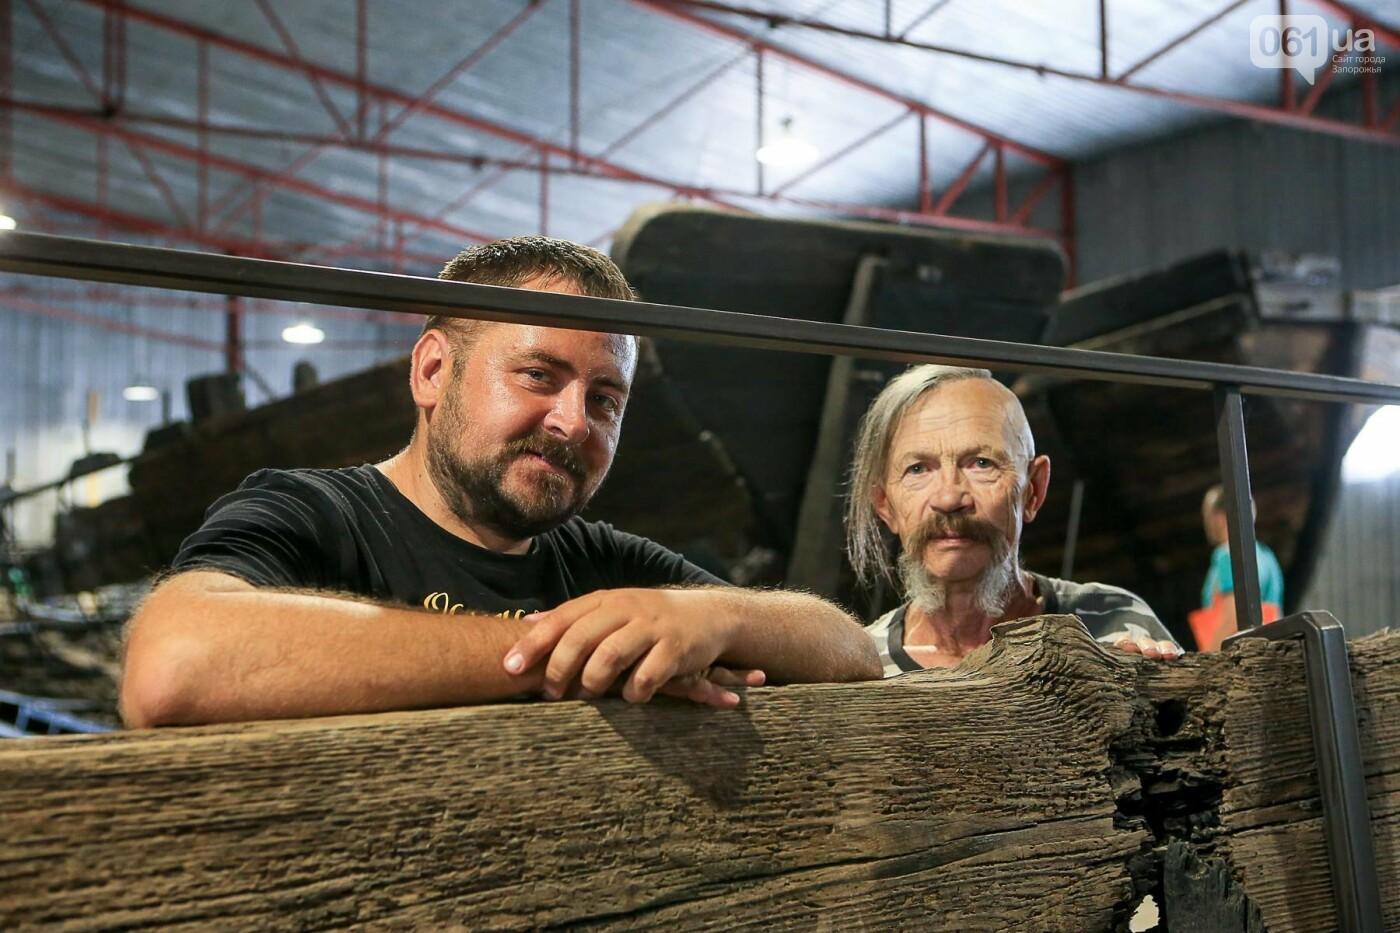 «Ты не понял, мы нашли второе судно»: как запорожские археологи нашли два корабля и зачем им 200 тысяч, - ФОТОРЕПОРТАЖ, фото-3